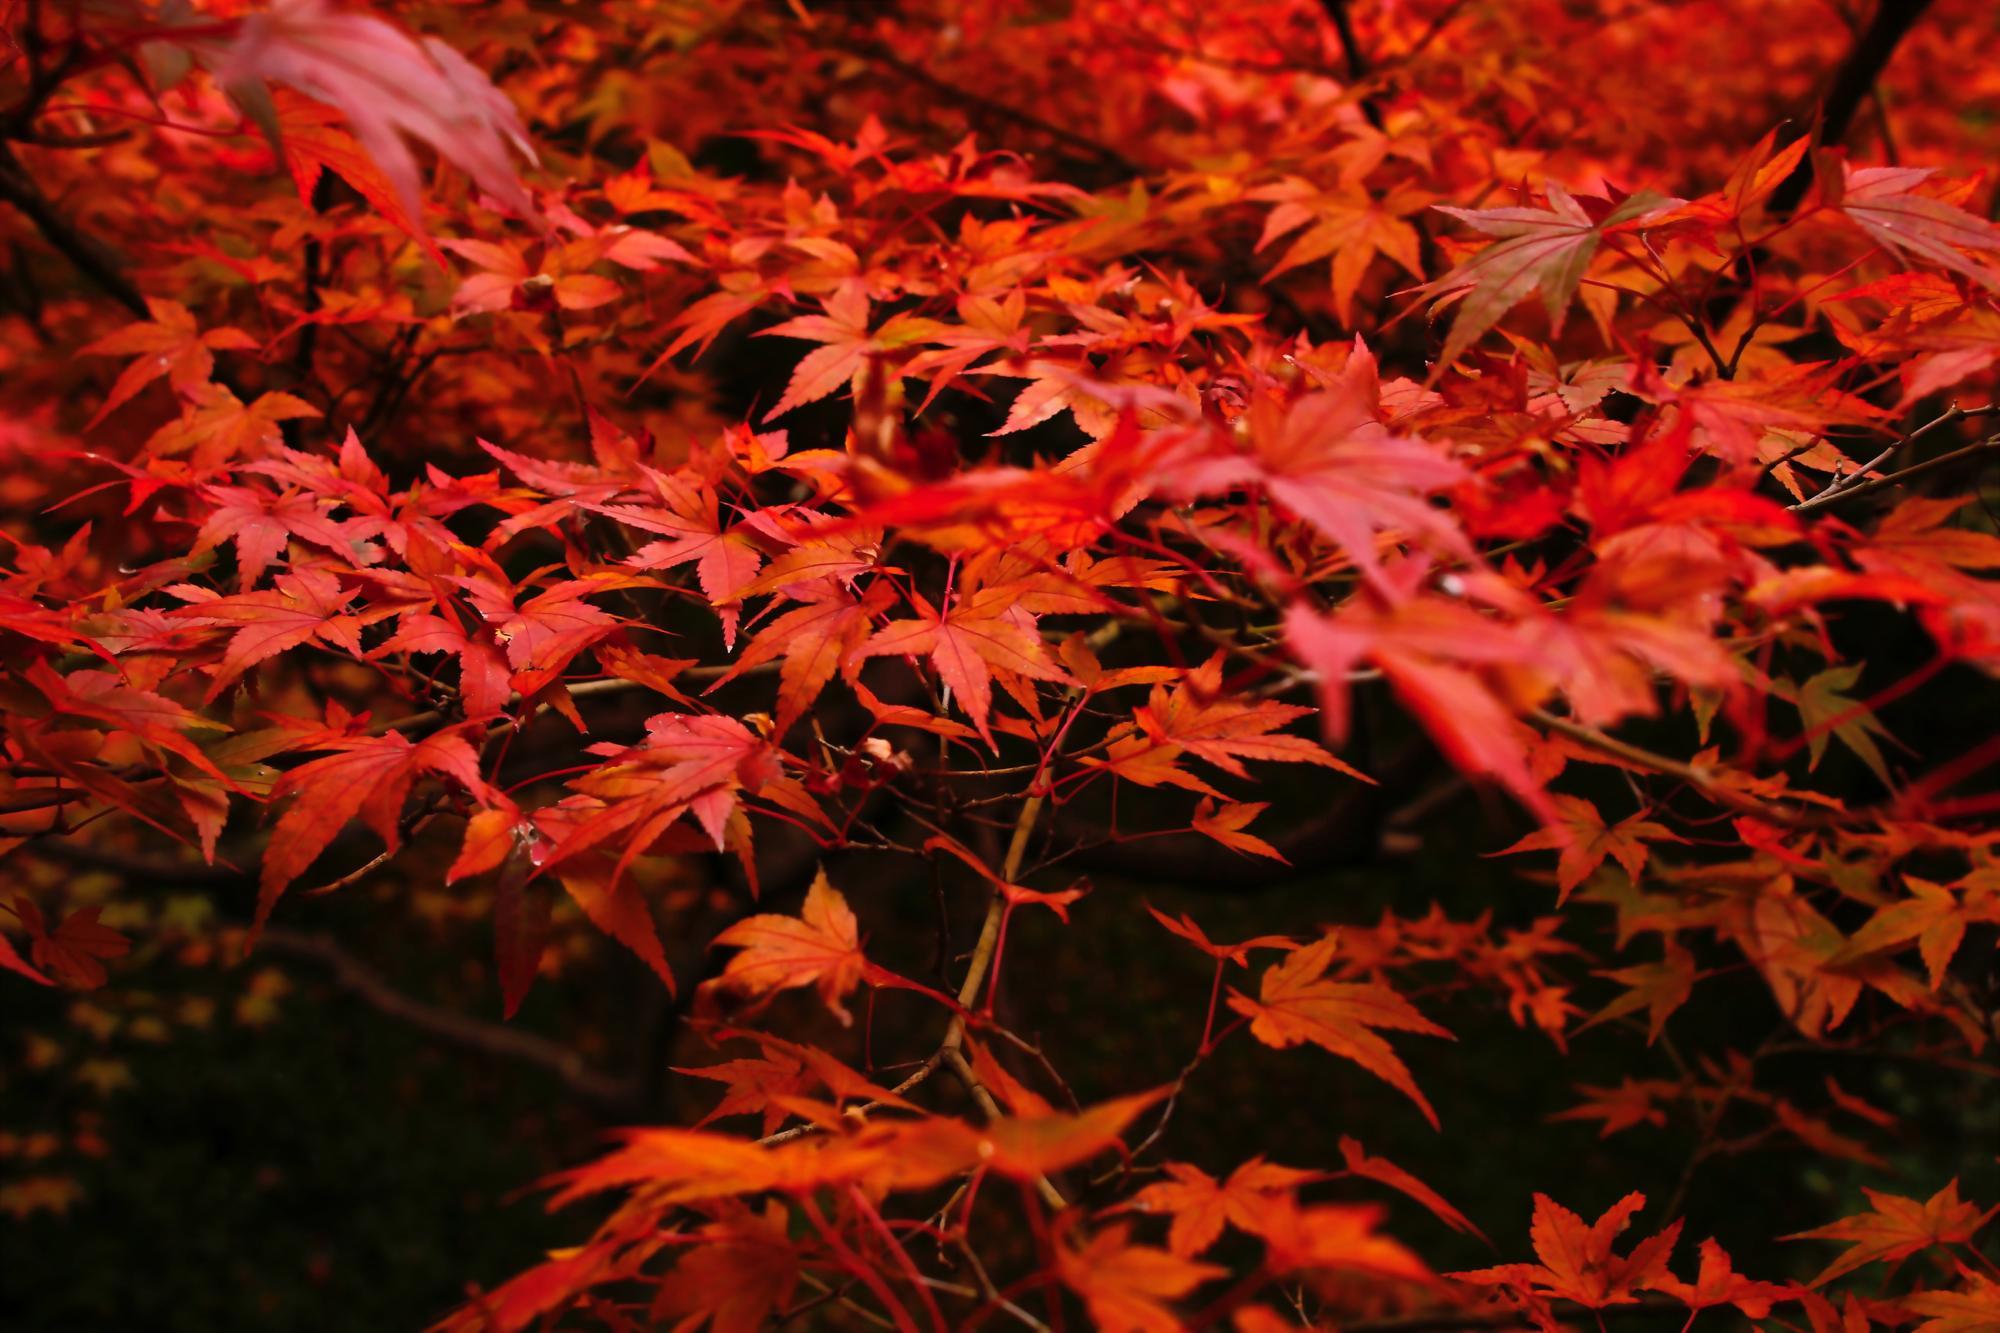 京都に4年間住んでいた僕がおすすめする京都のイチオシ紅葉スポット10選!